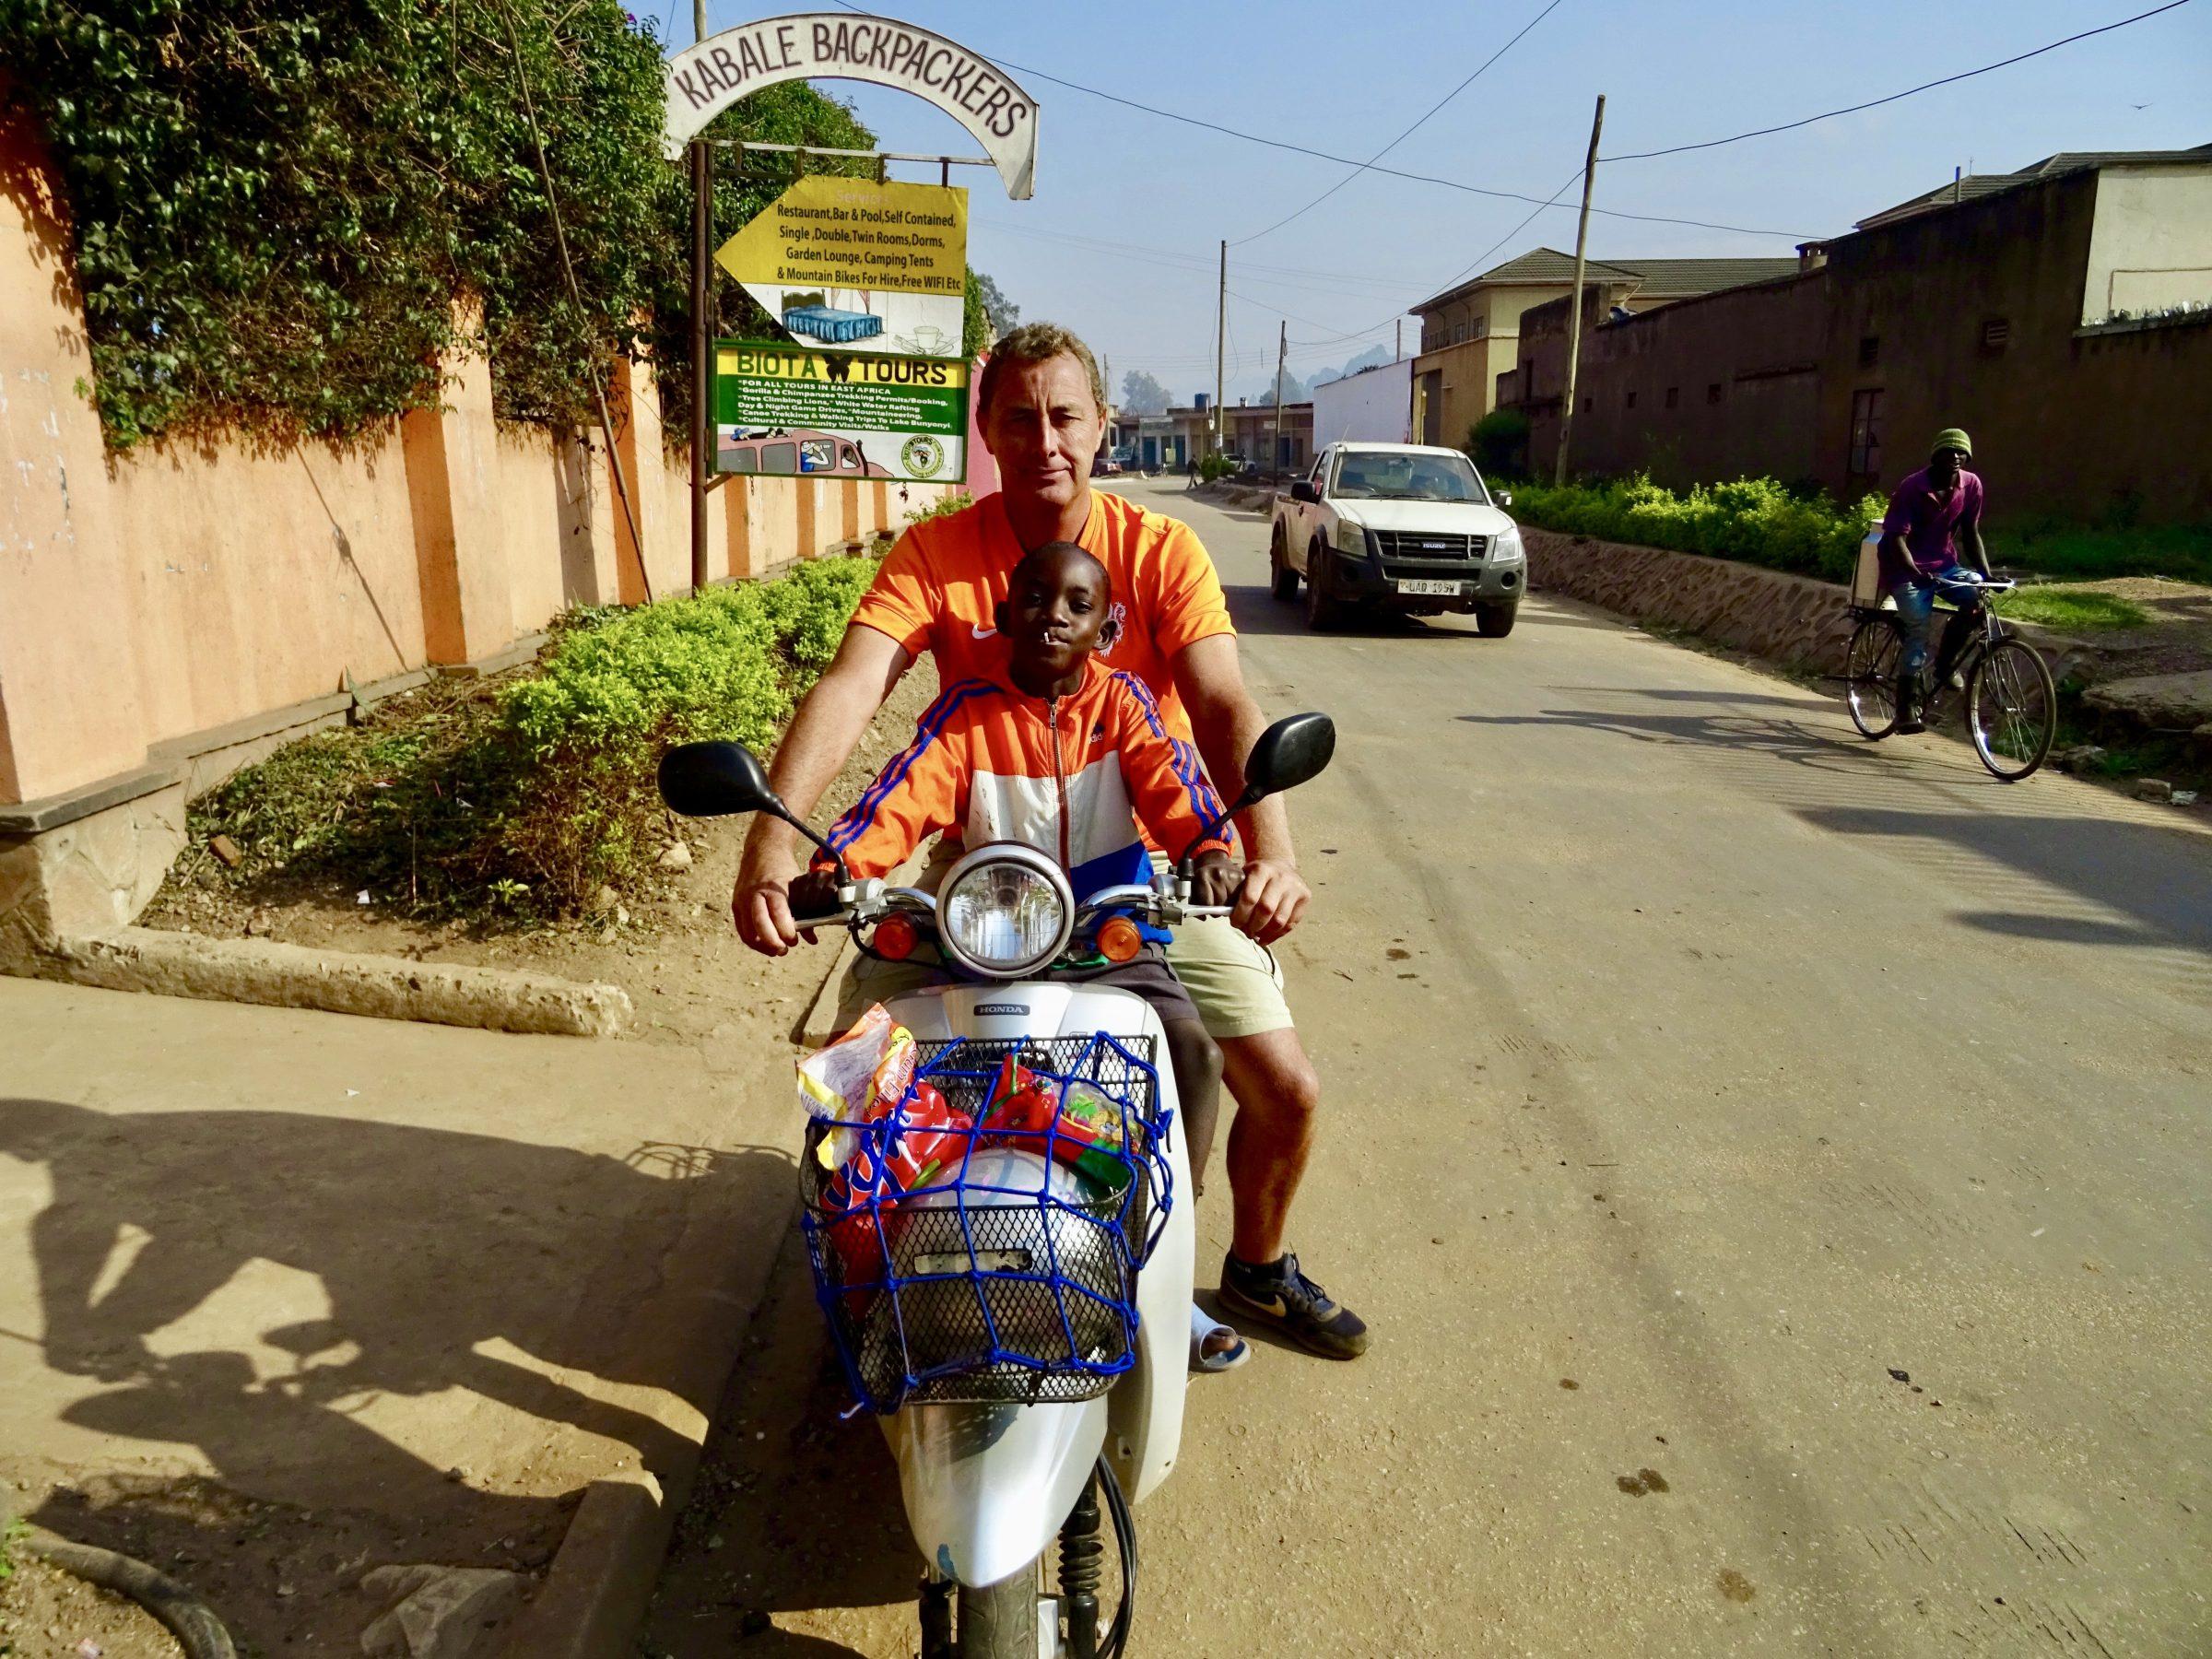 Samen met David voor Kabale Backpackers